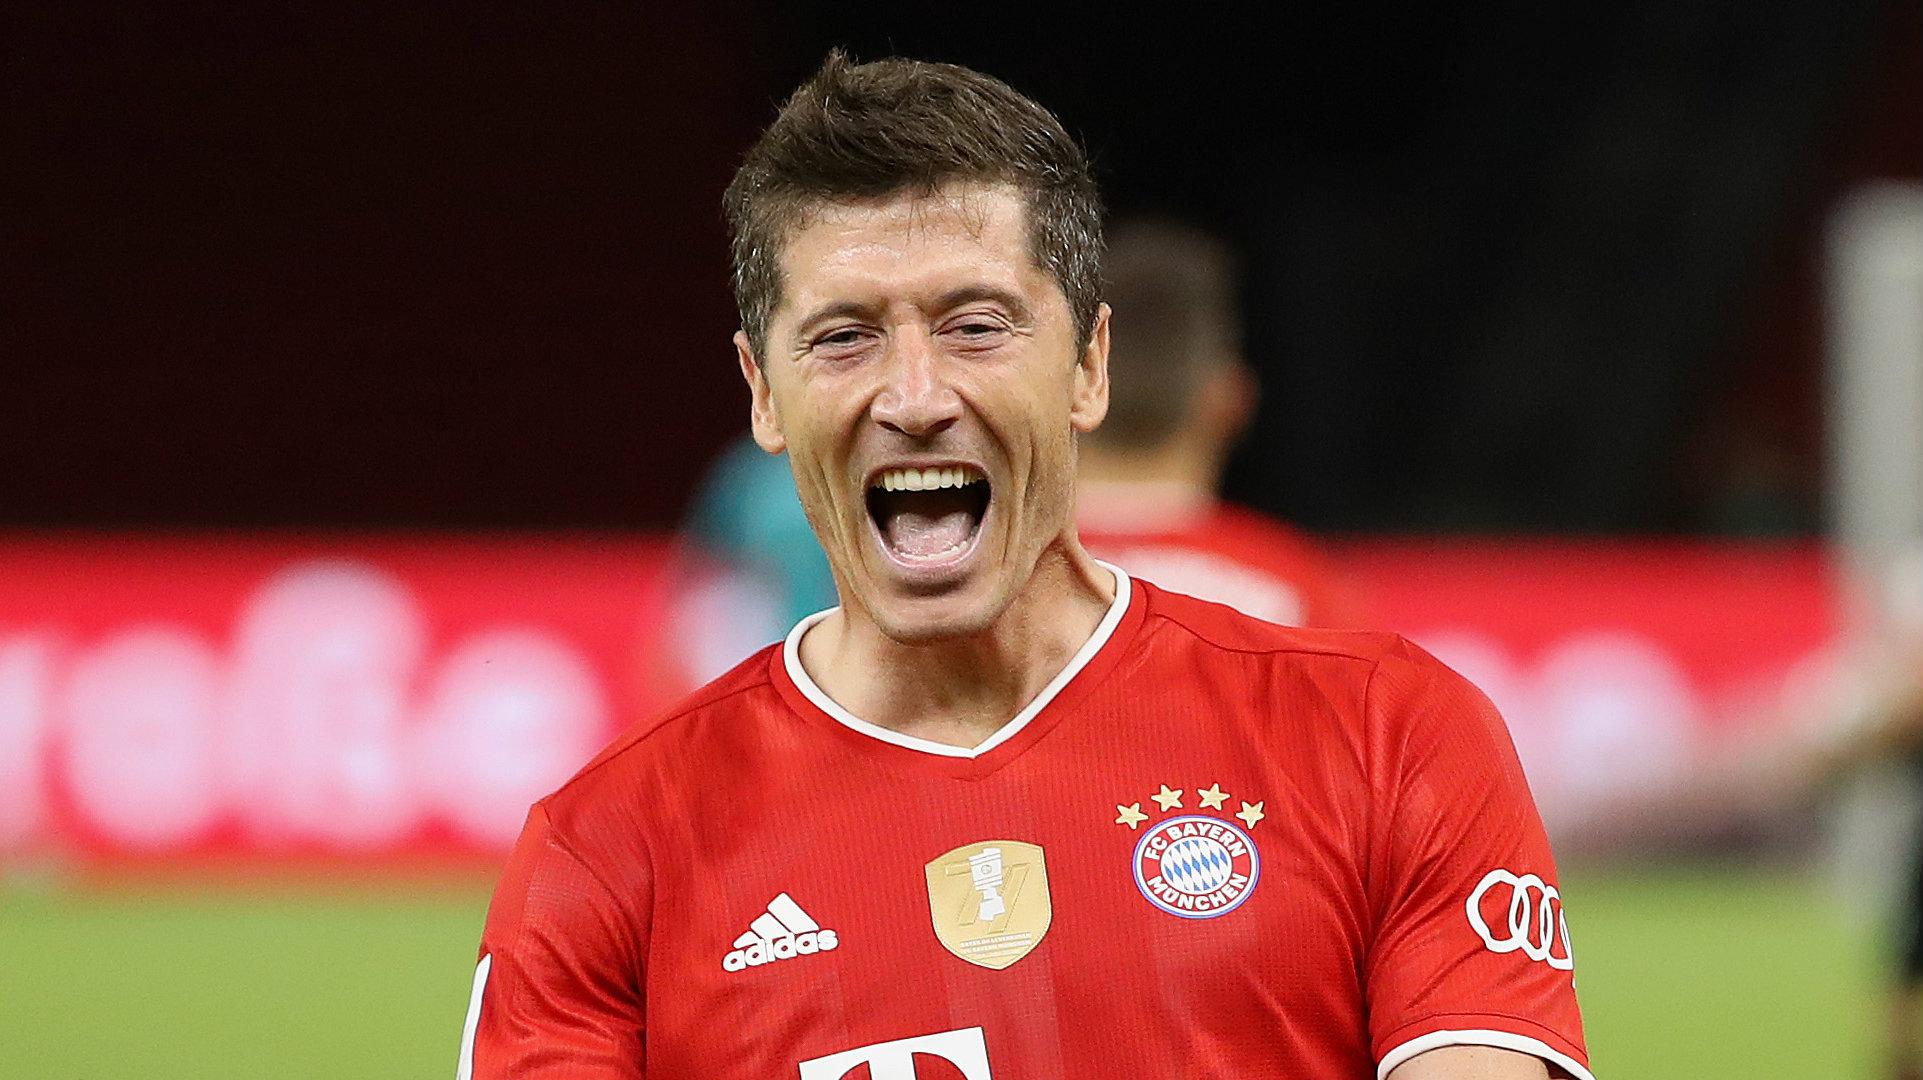 VIDÉO - Lewandowski mérite le Ballon d'Or selon Flick